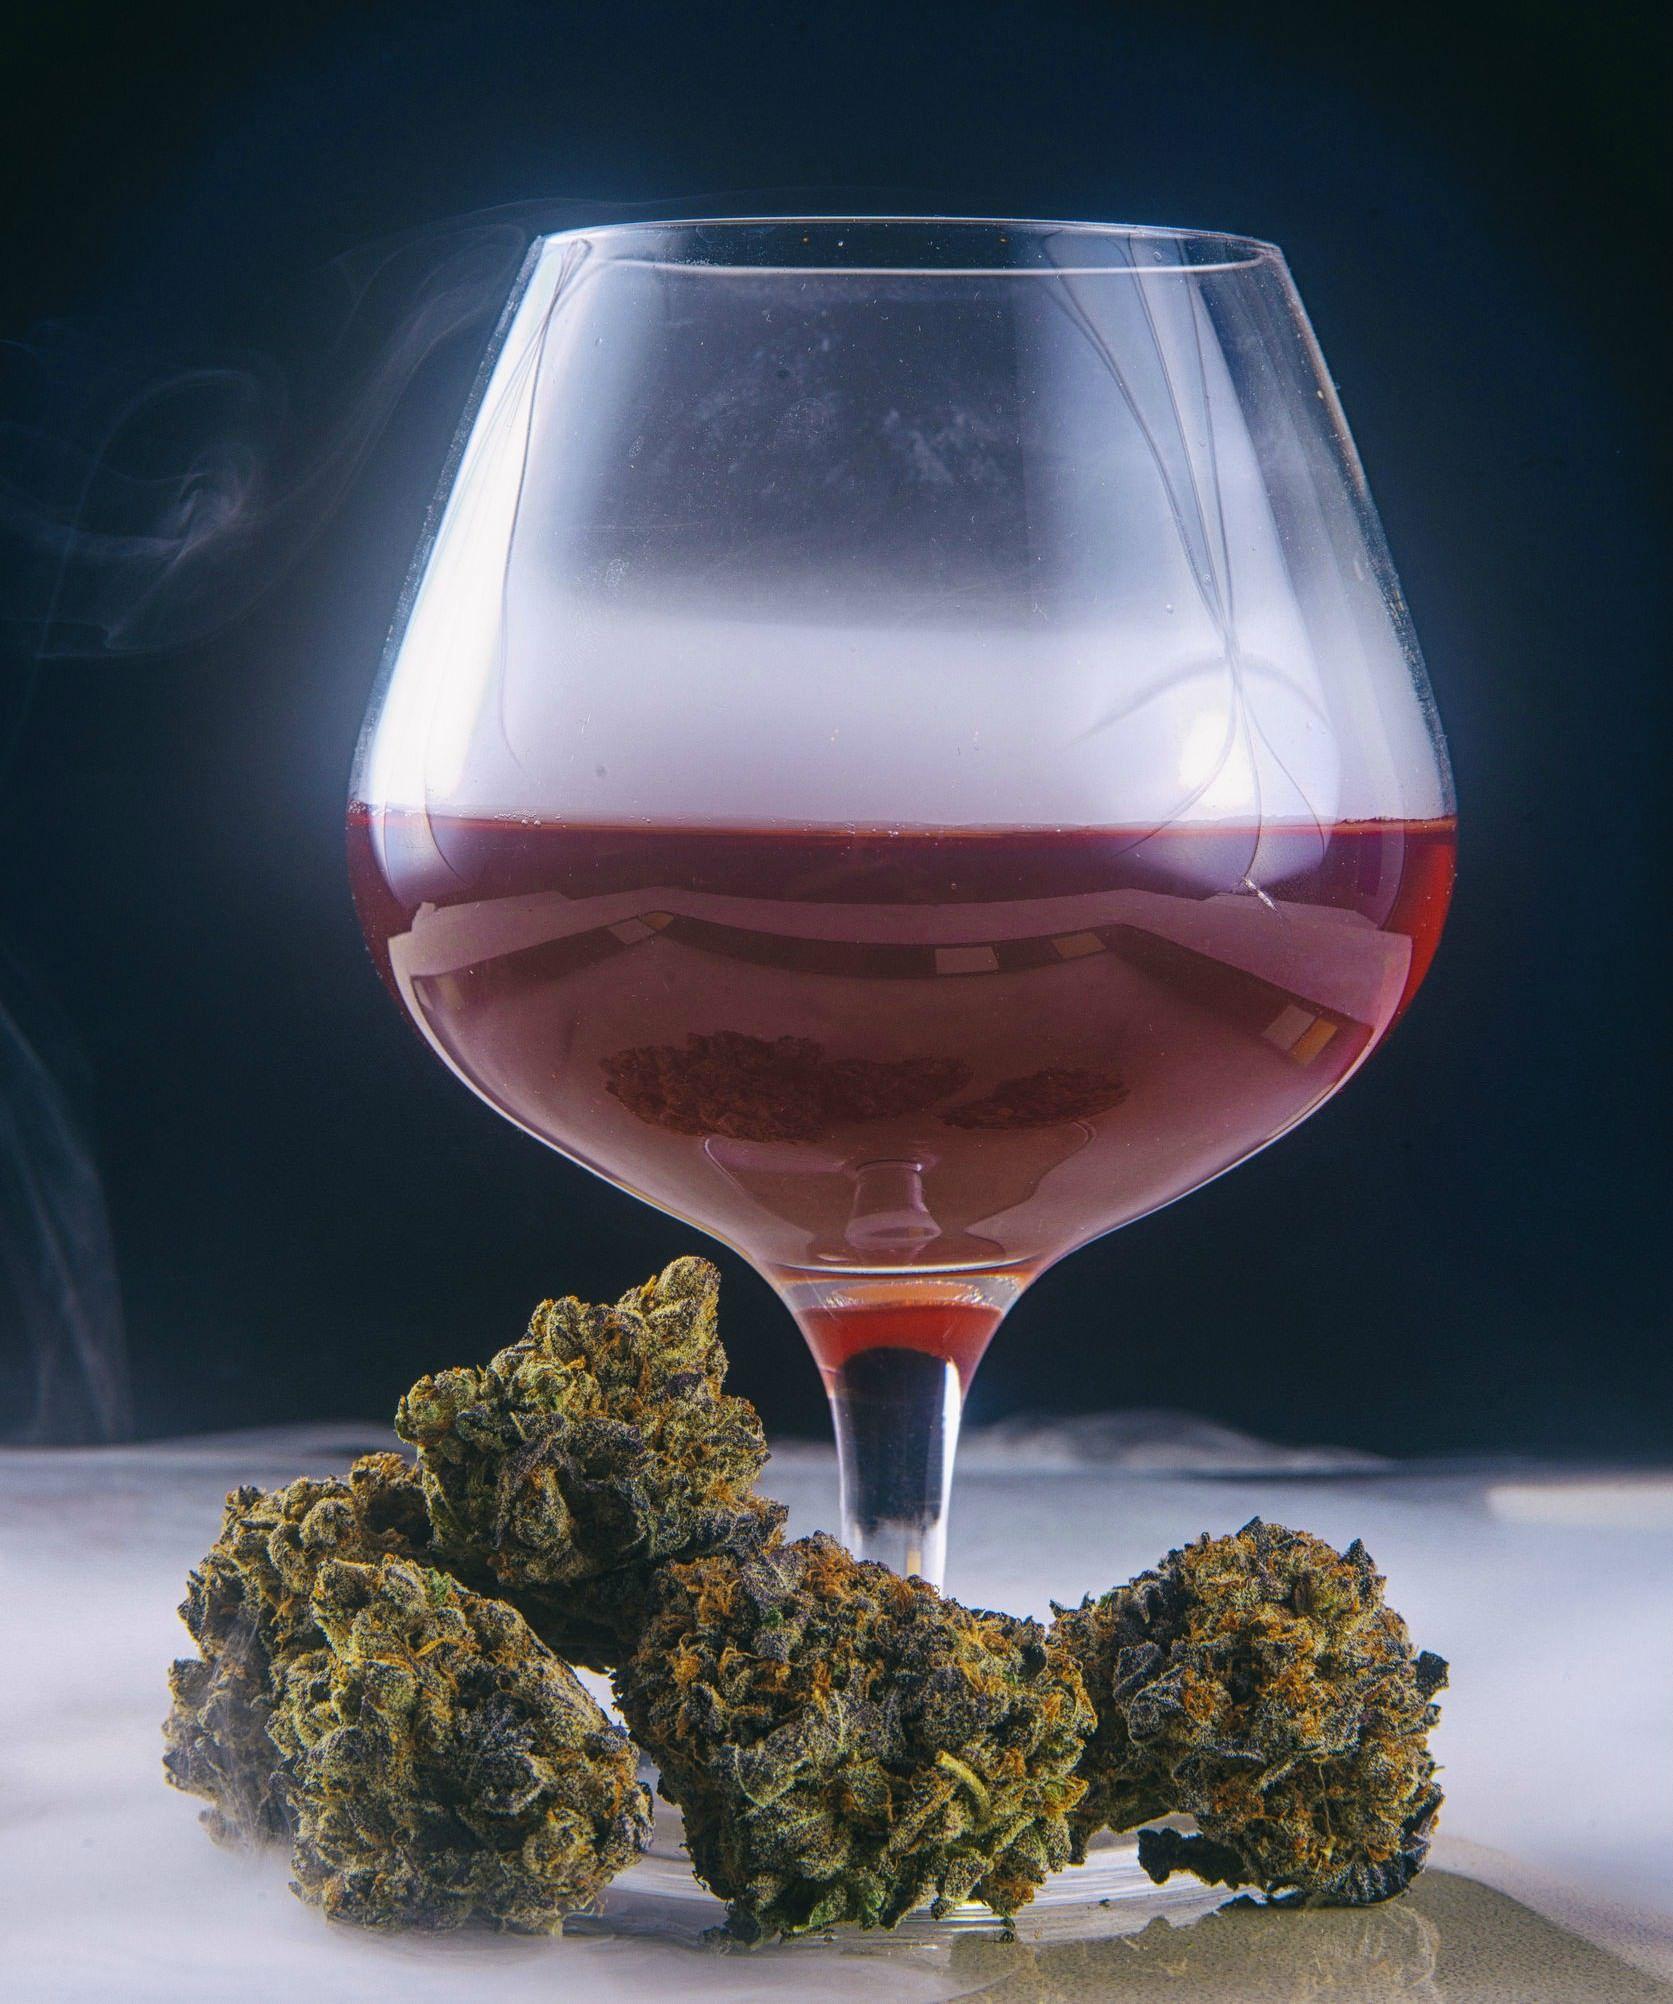 Wine-related firms look to uncork opportunities in marijuana